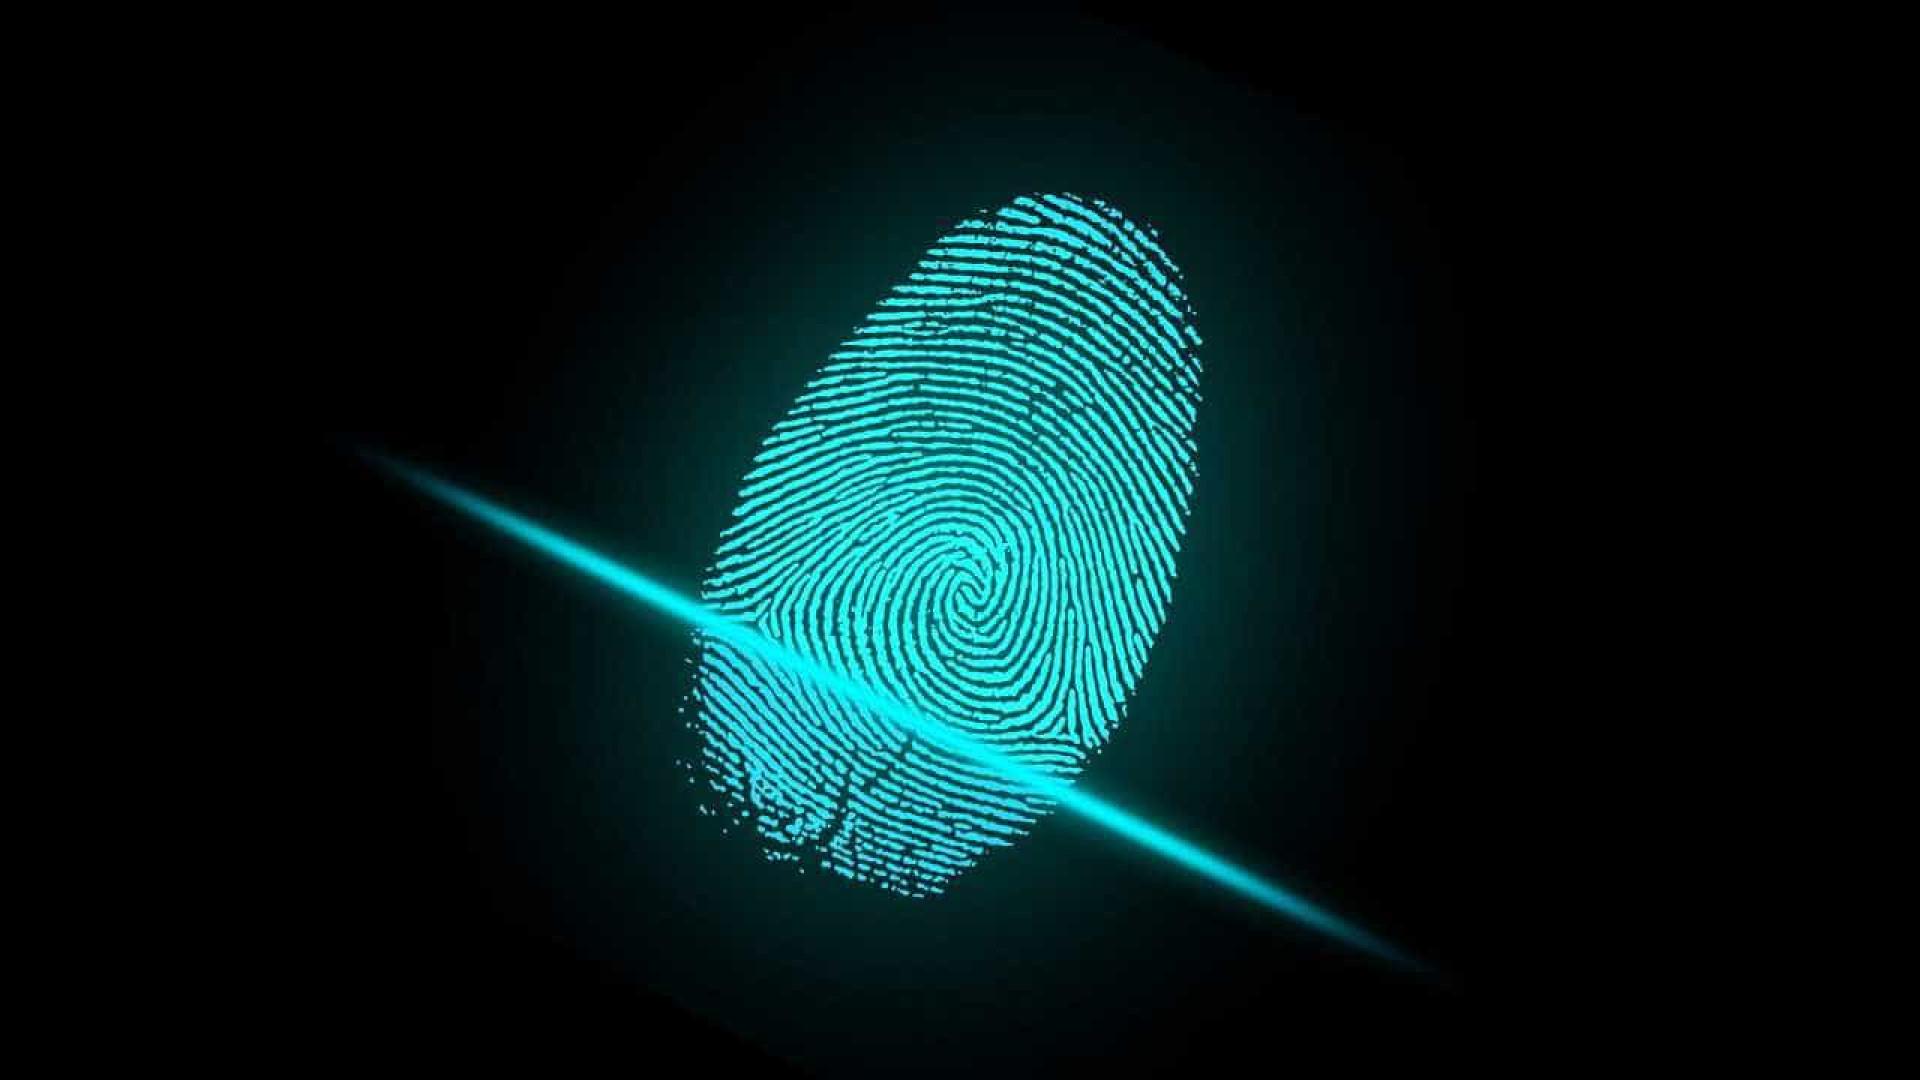 Uso de biometria pode embutir risco de disputas jurídicas